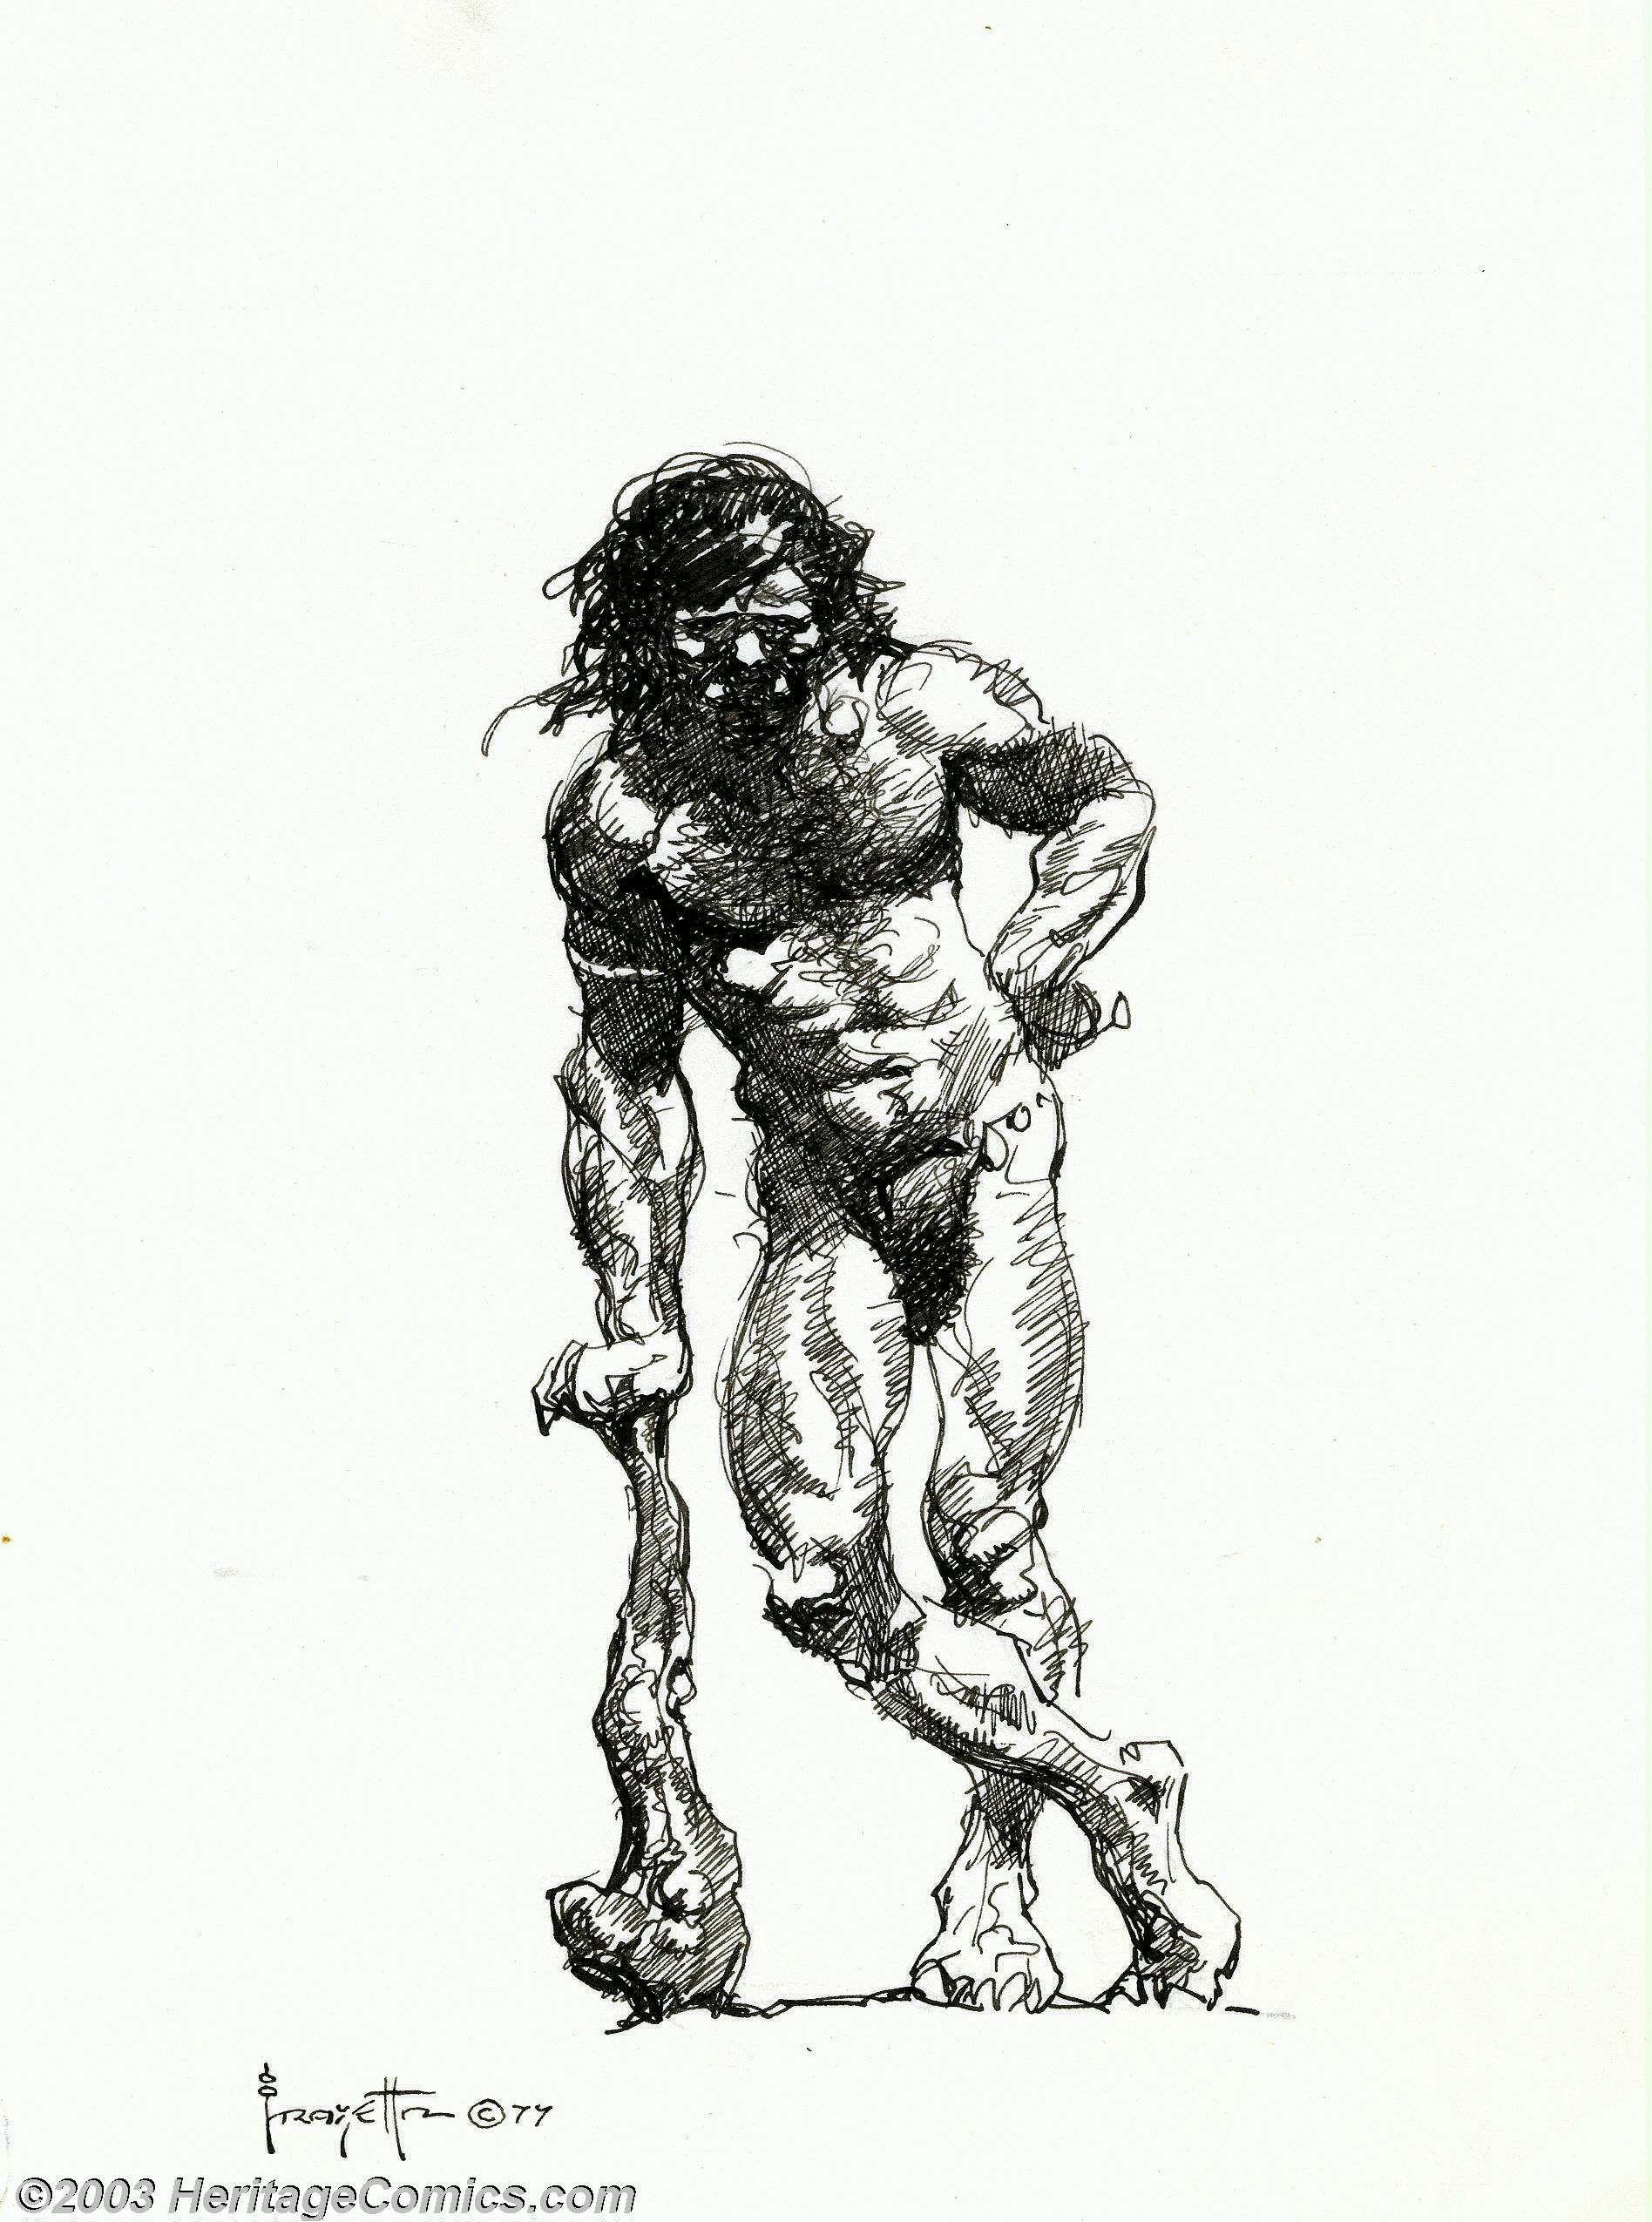 Nude male illustrations